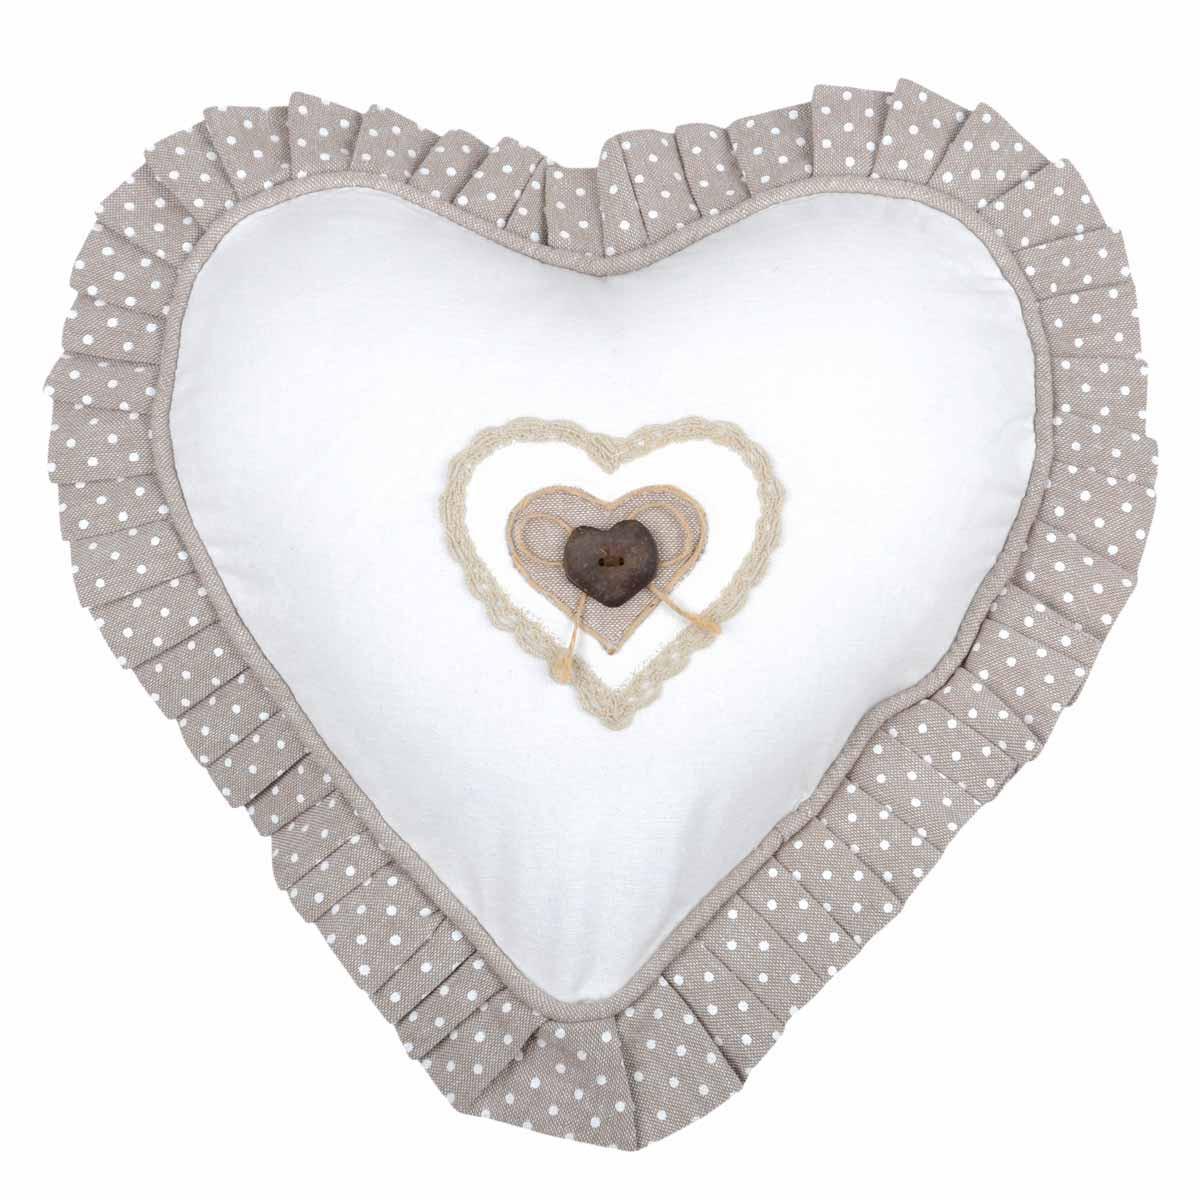 Διακοσμητικό Μαξιλάρι Καρδιά Lyna Ecru C23102002